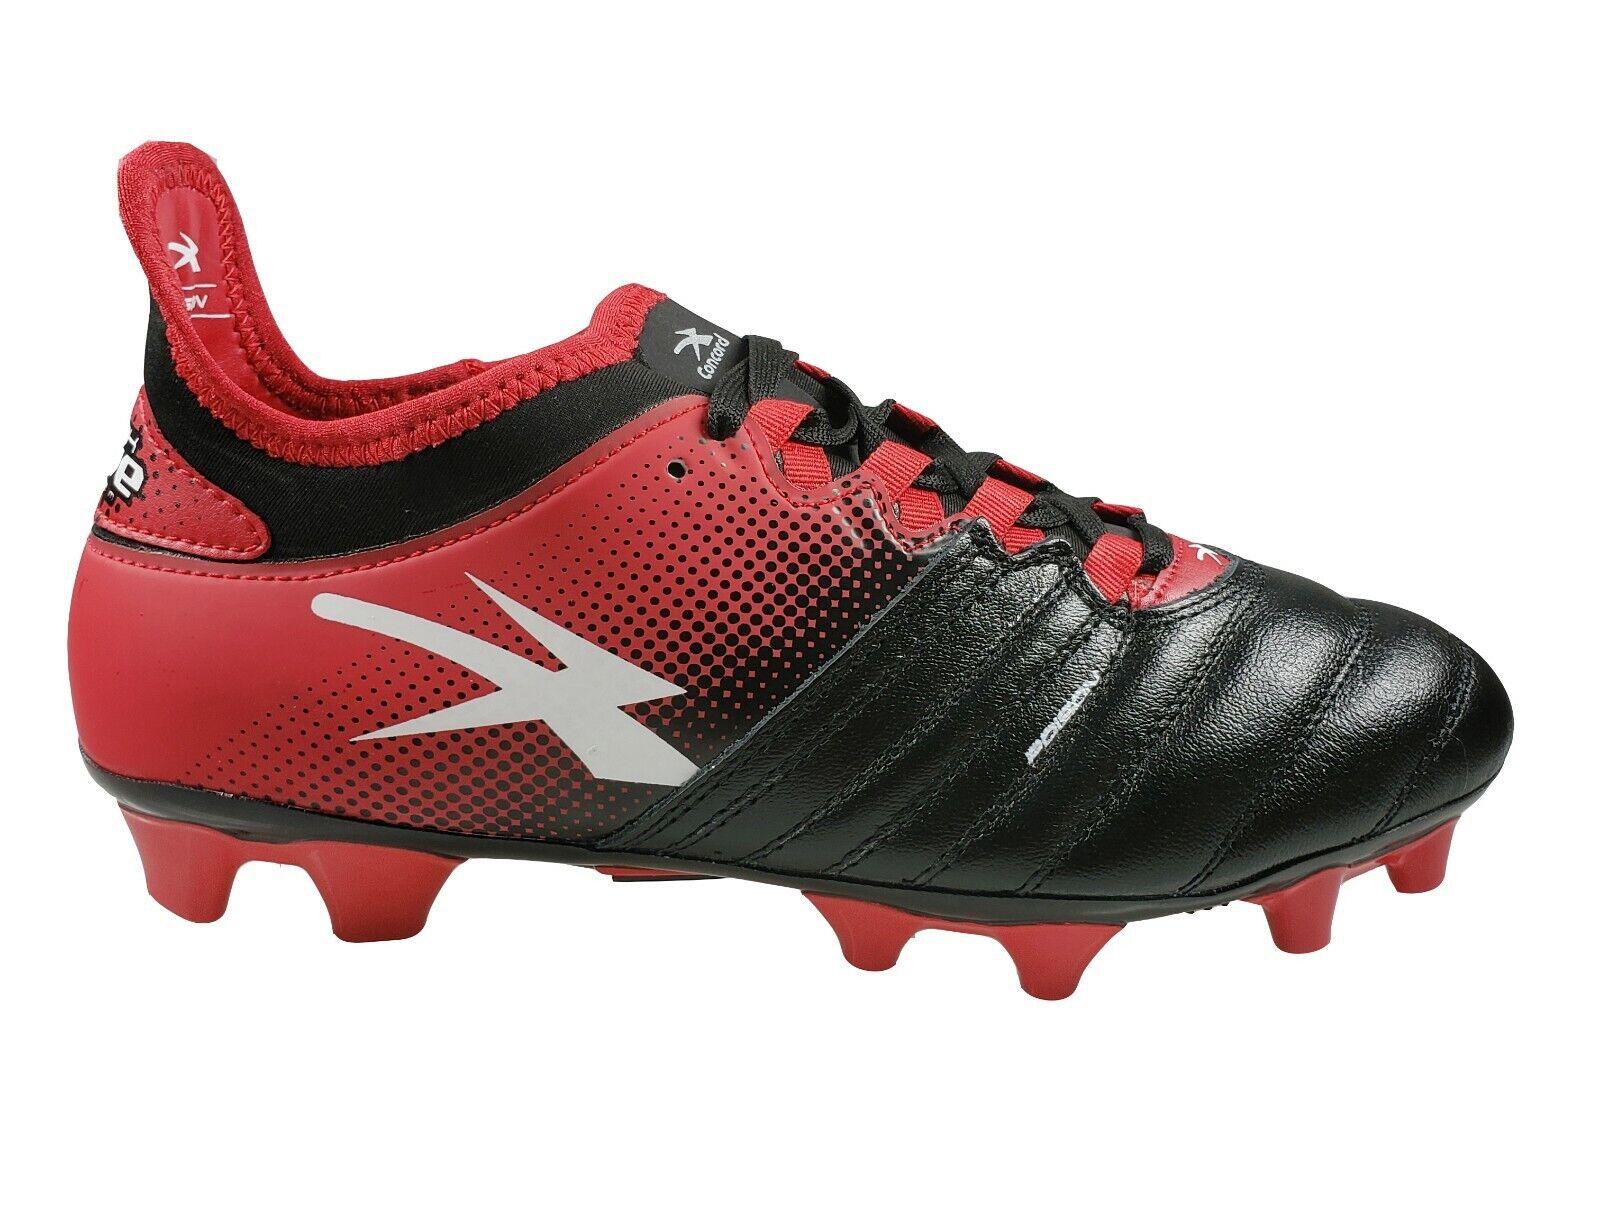 Men's Concord Botines De Fútbol De Cuero Estilo S170XR Negro Rojo